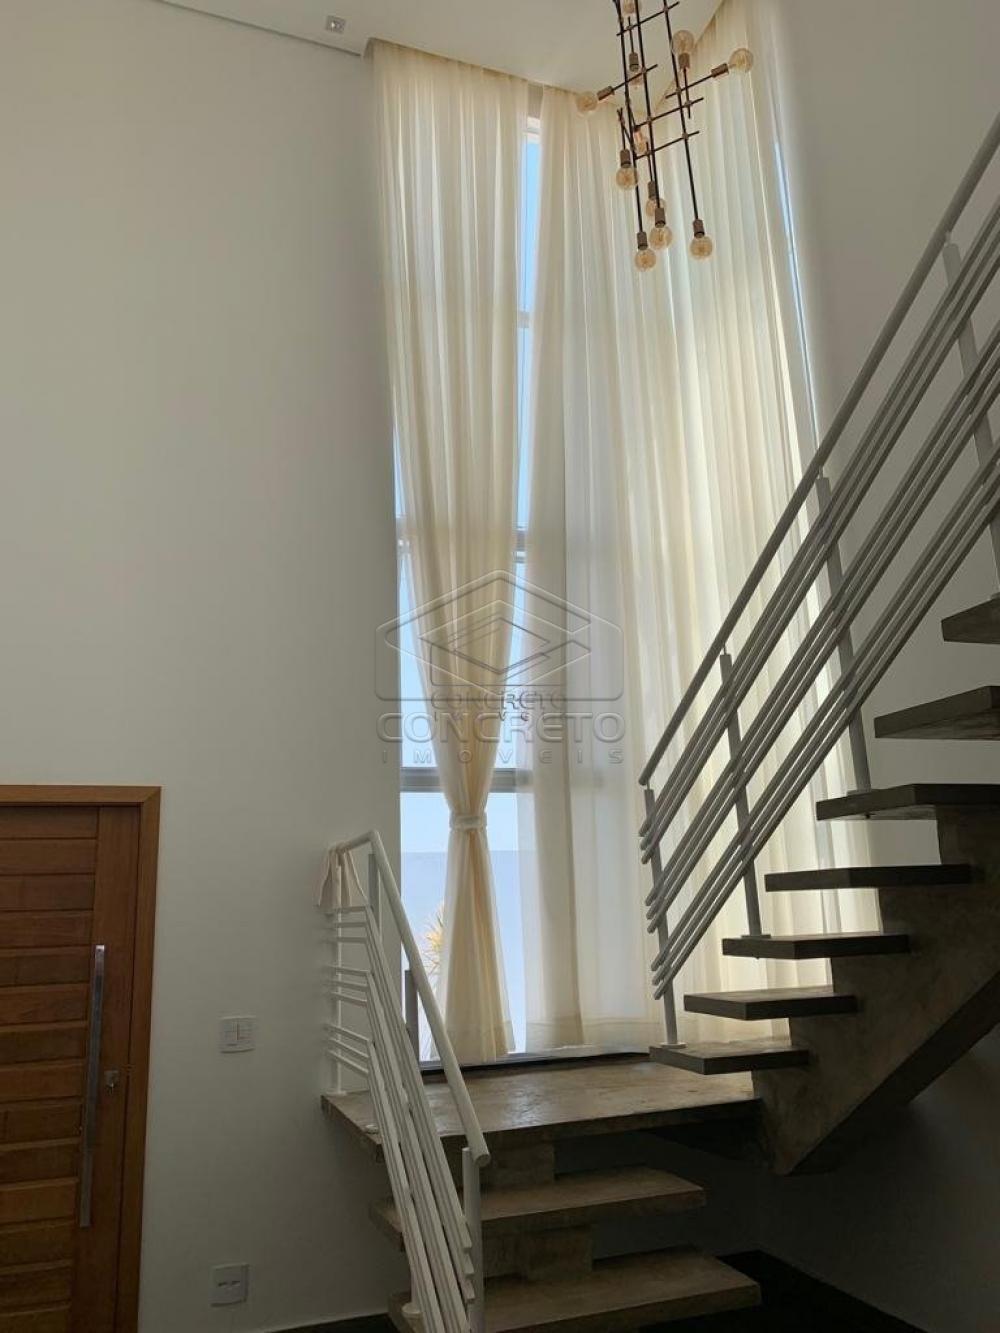 Comprar Casa / Padrão em Sao Manuel apenas R$ 650.000,00 - Foto 34